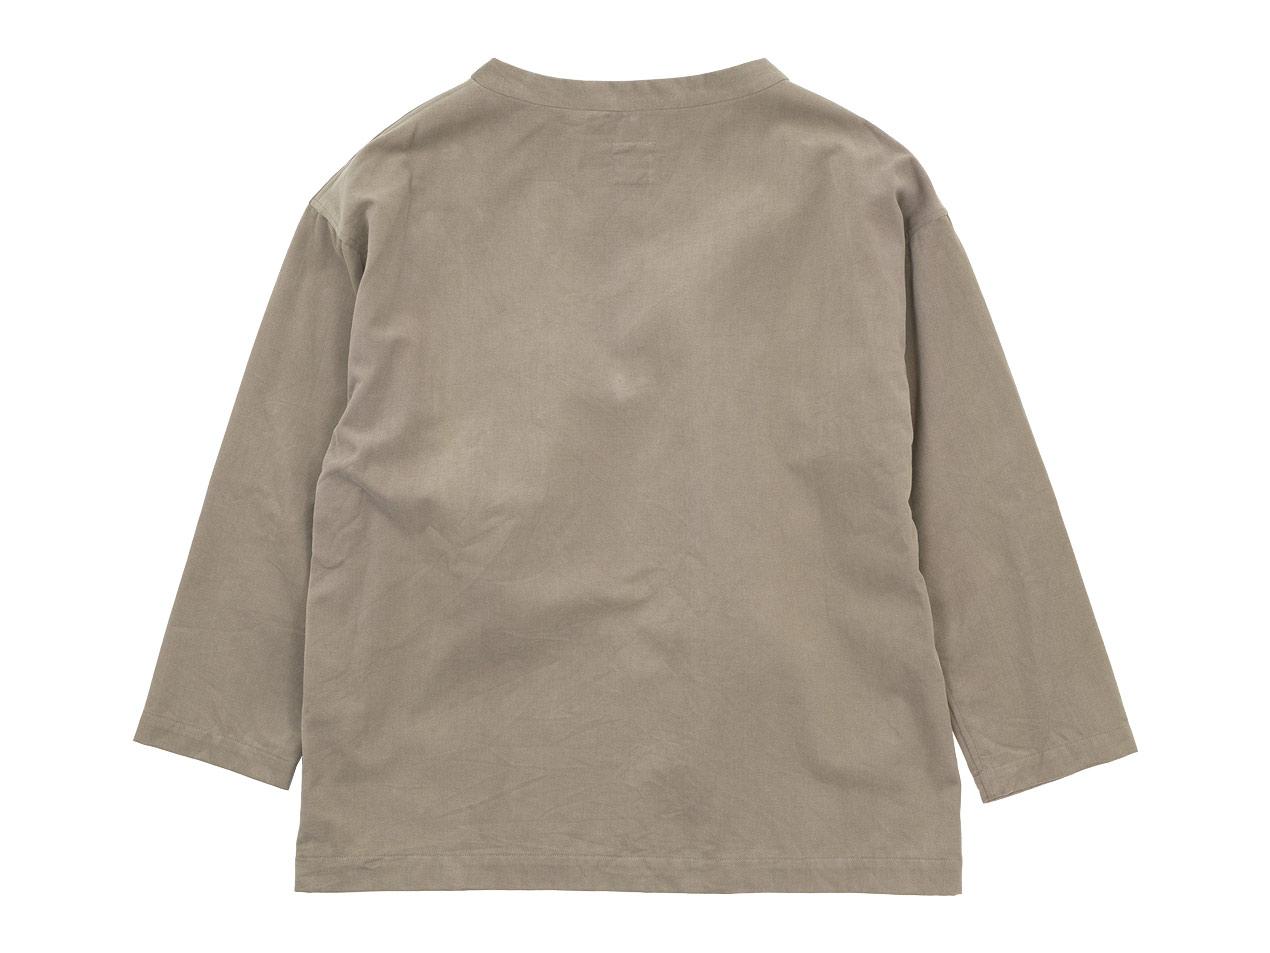 TOUJOURS Long Sleeve Big T-shirt